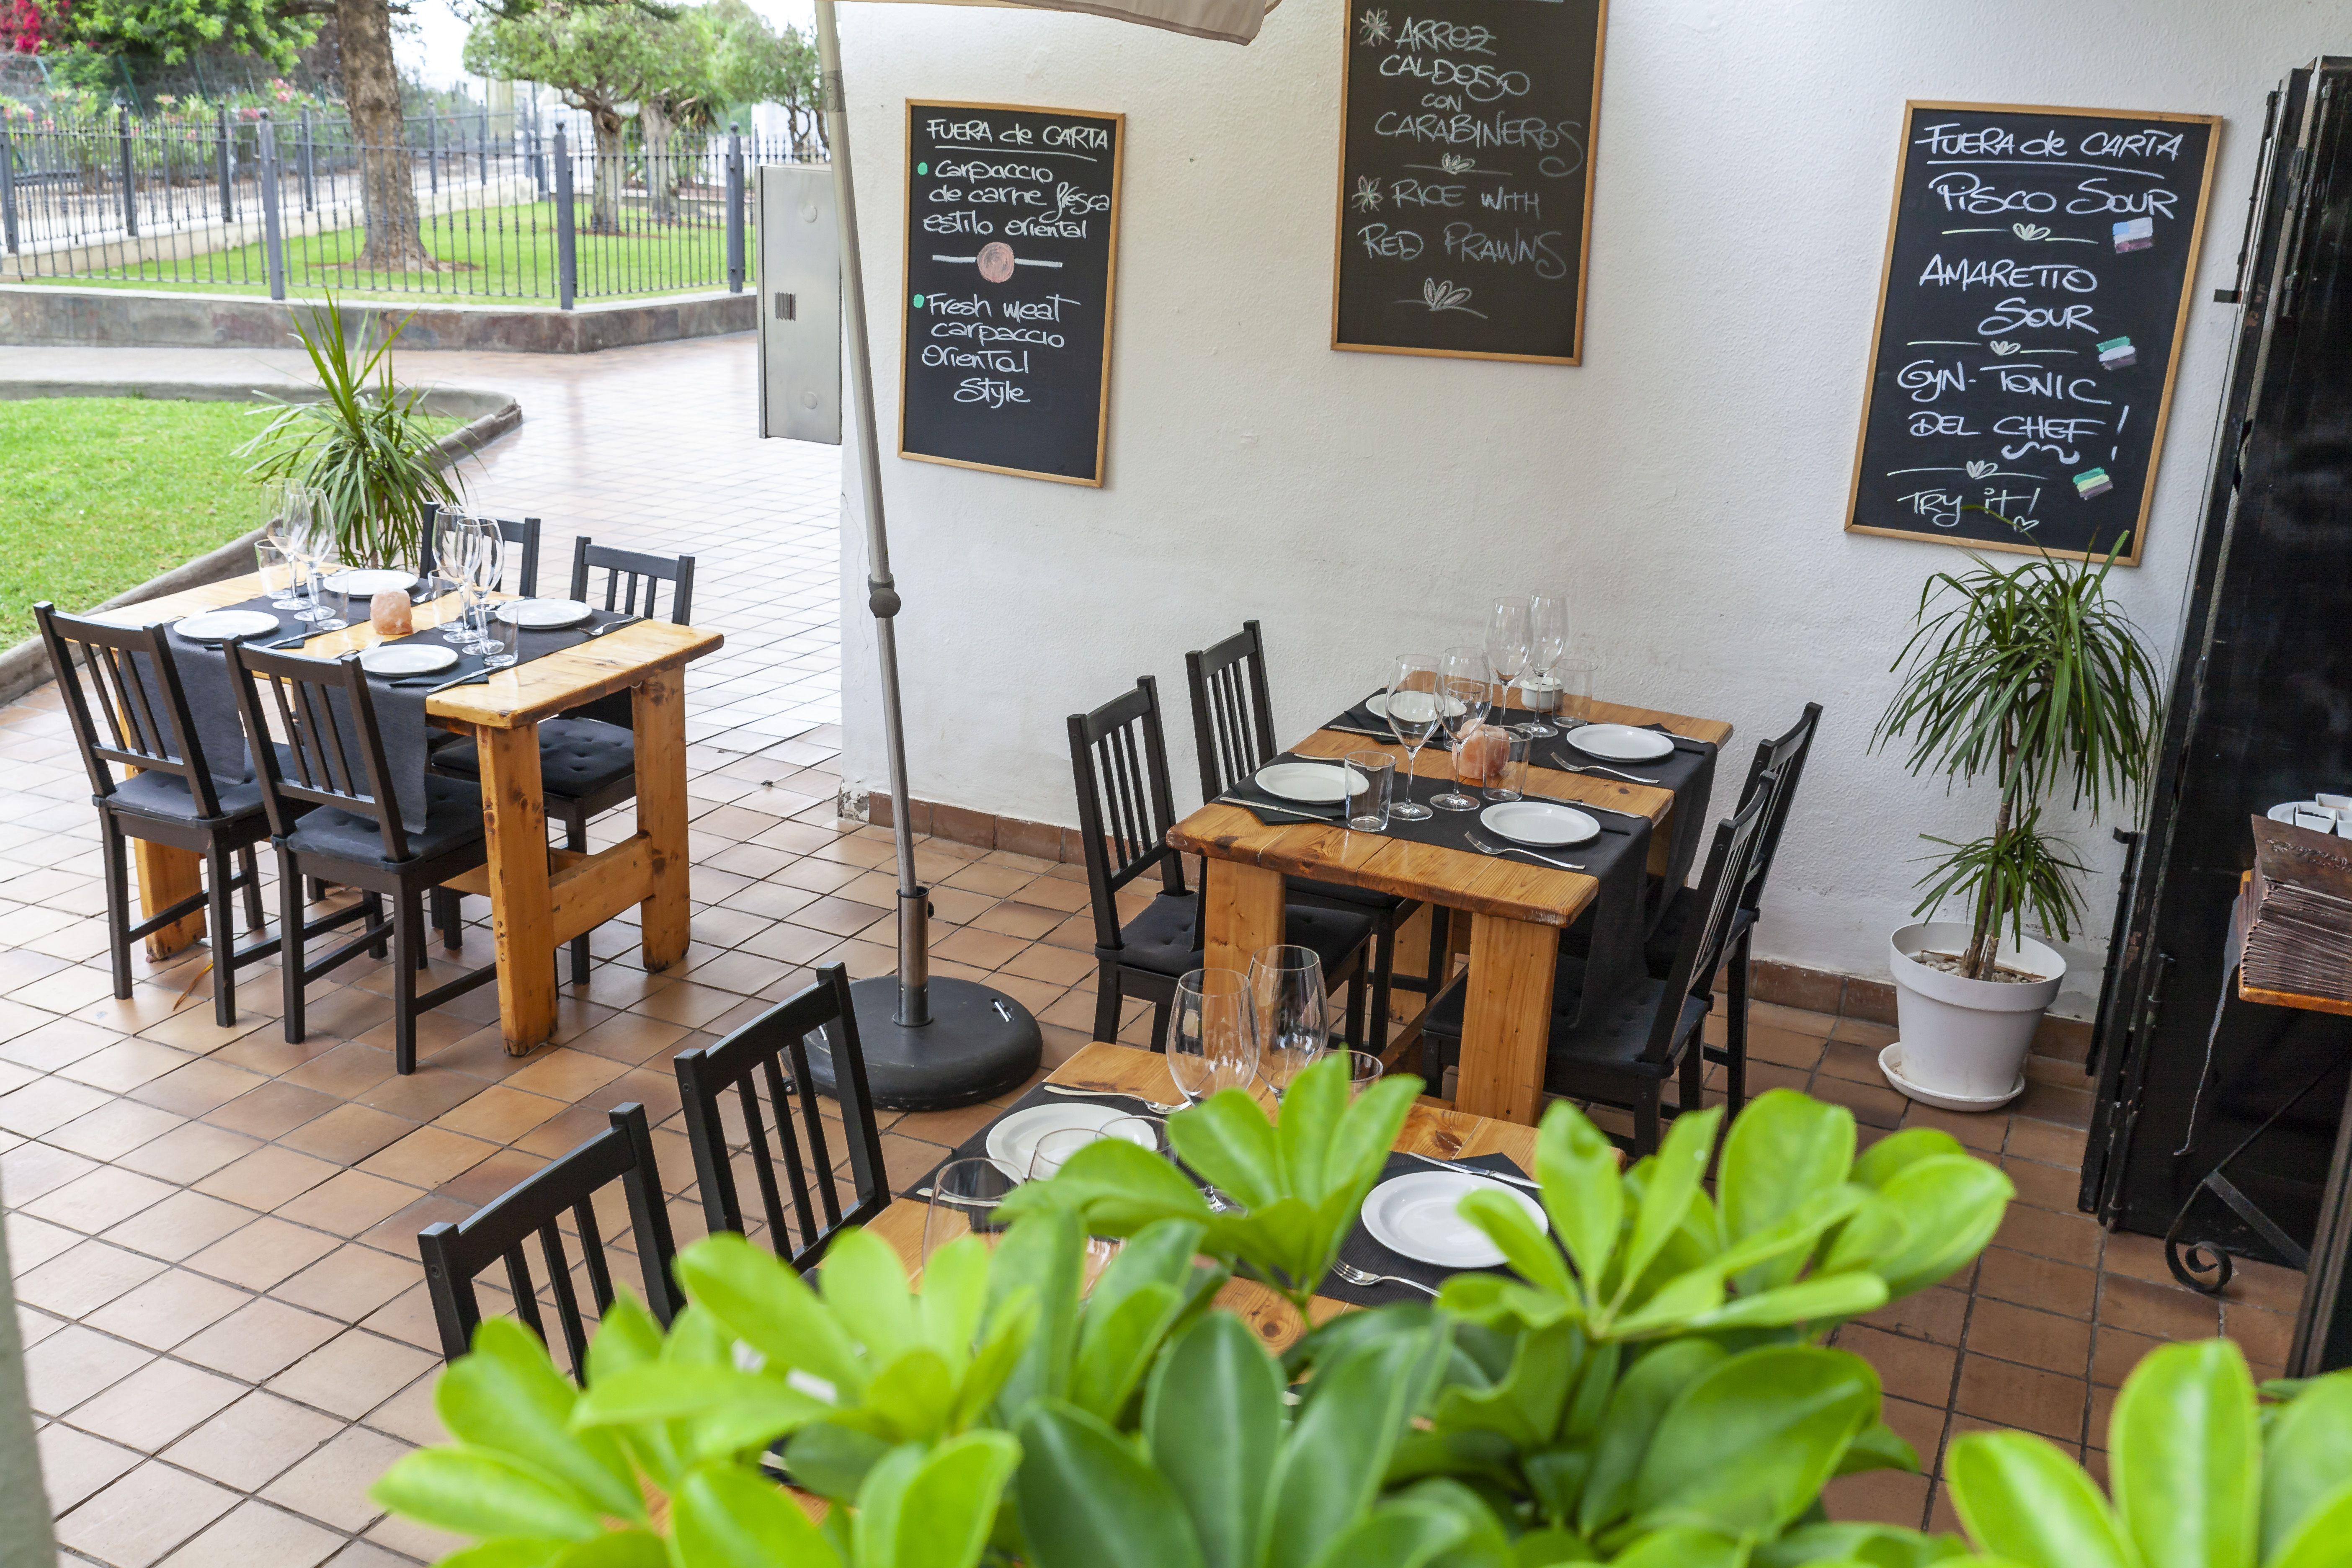 Mejor restaurante de cocina canaria en Santa Cruz de Tenerife